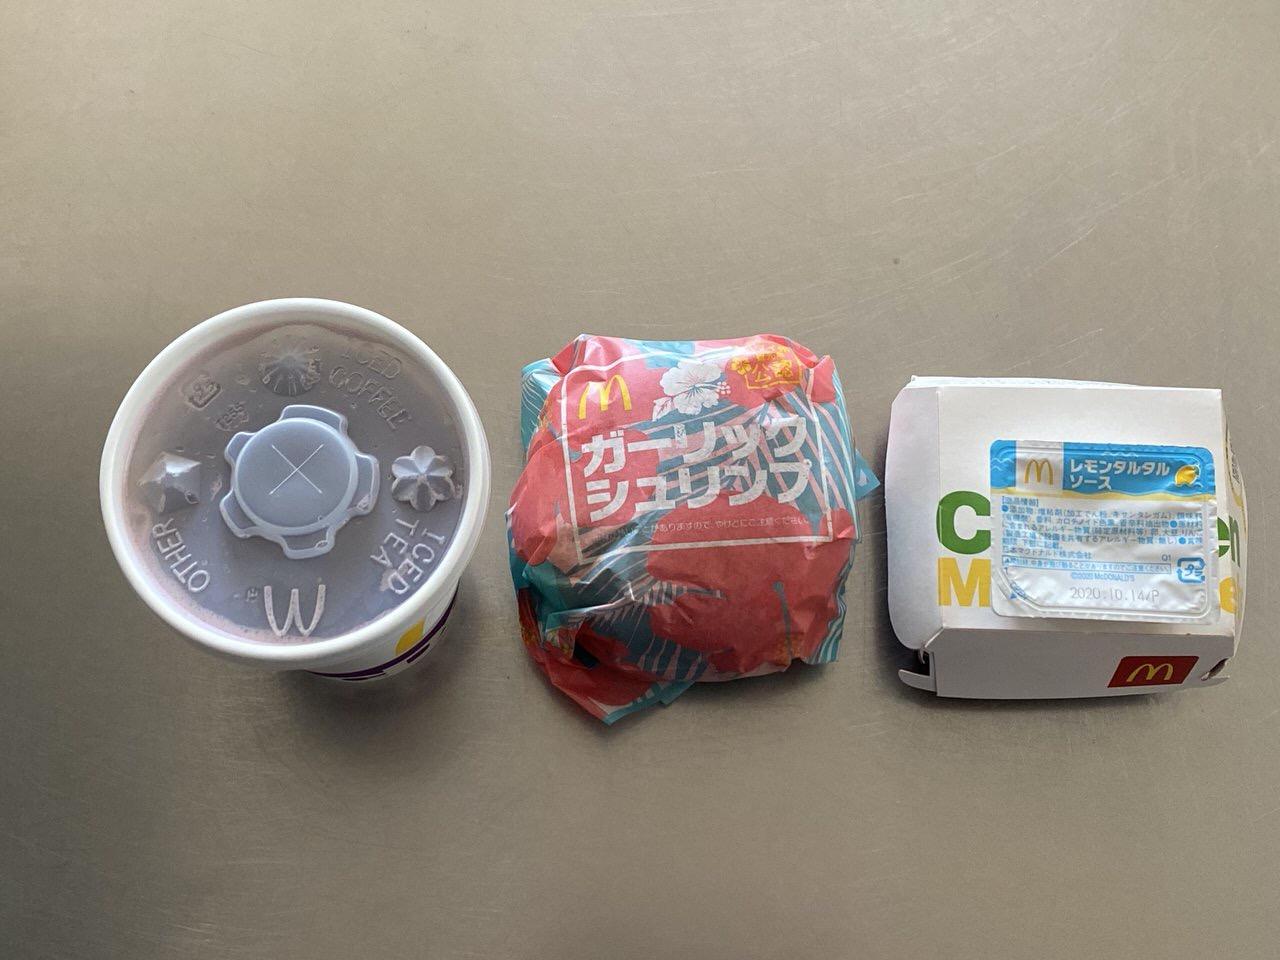 【マクドナルド】「ガーリックシュリンプ」唯一品切れしてなかったという消極的な理由で選んだけどザクザクの衣にプリプリのエビが美味い!